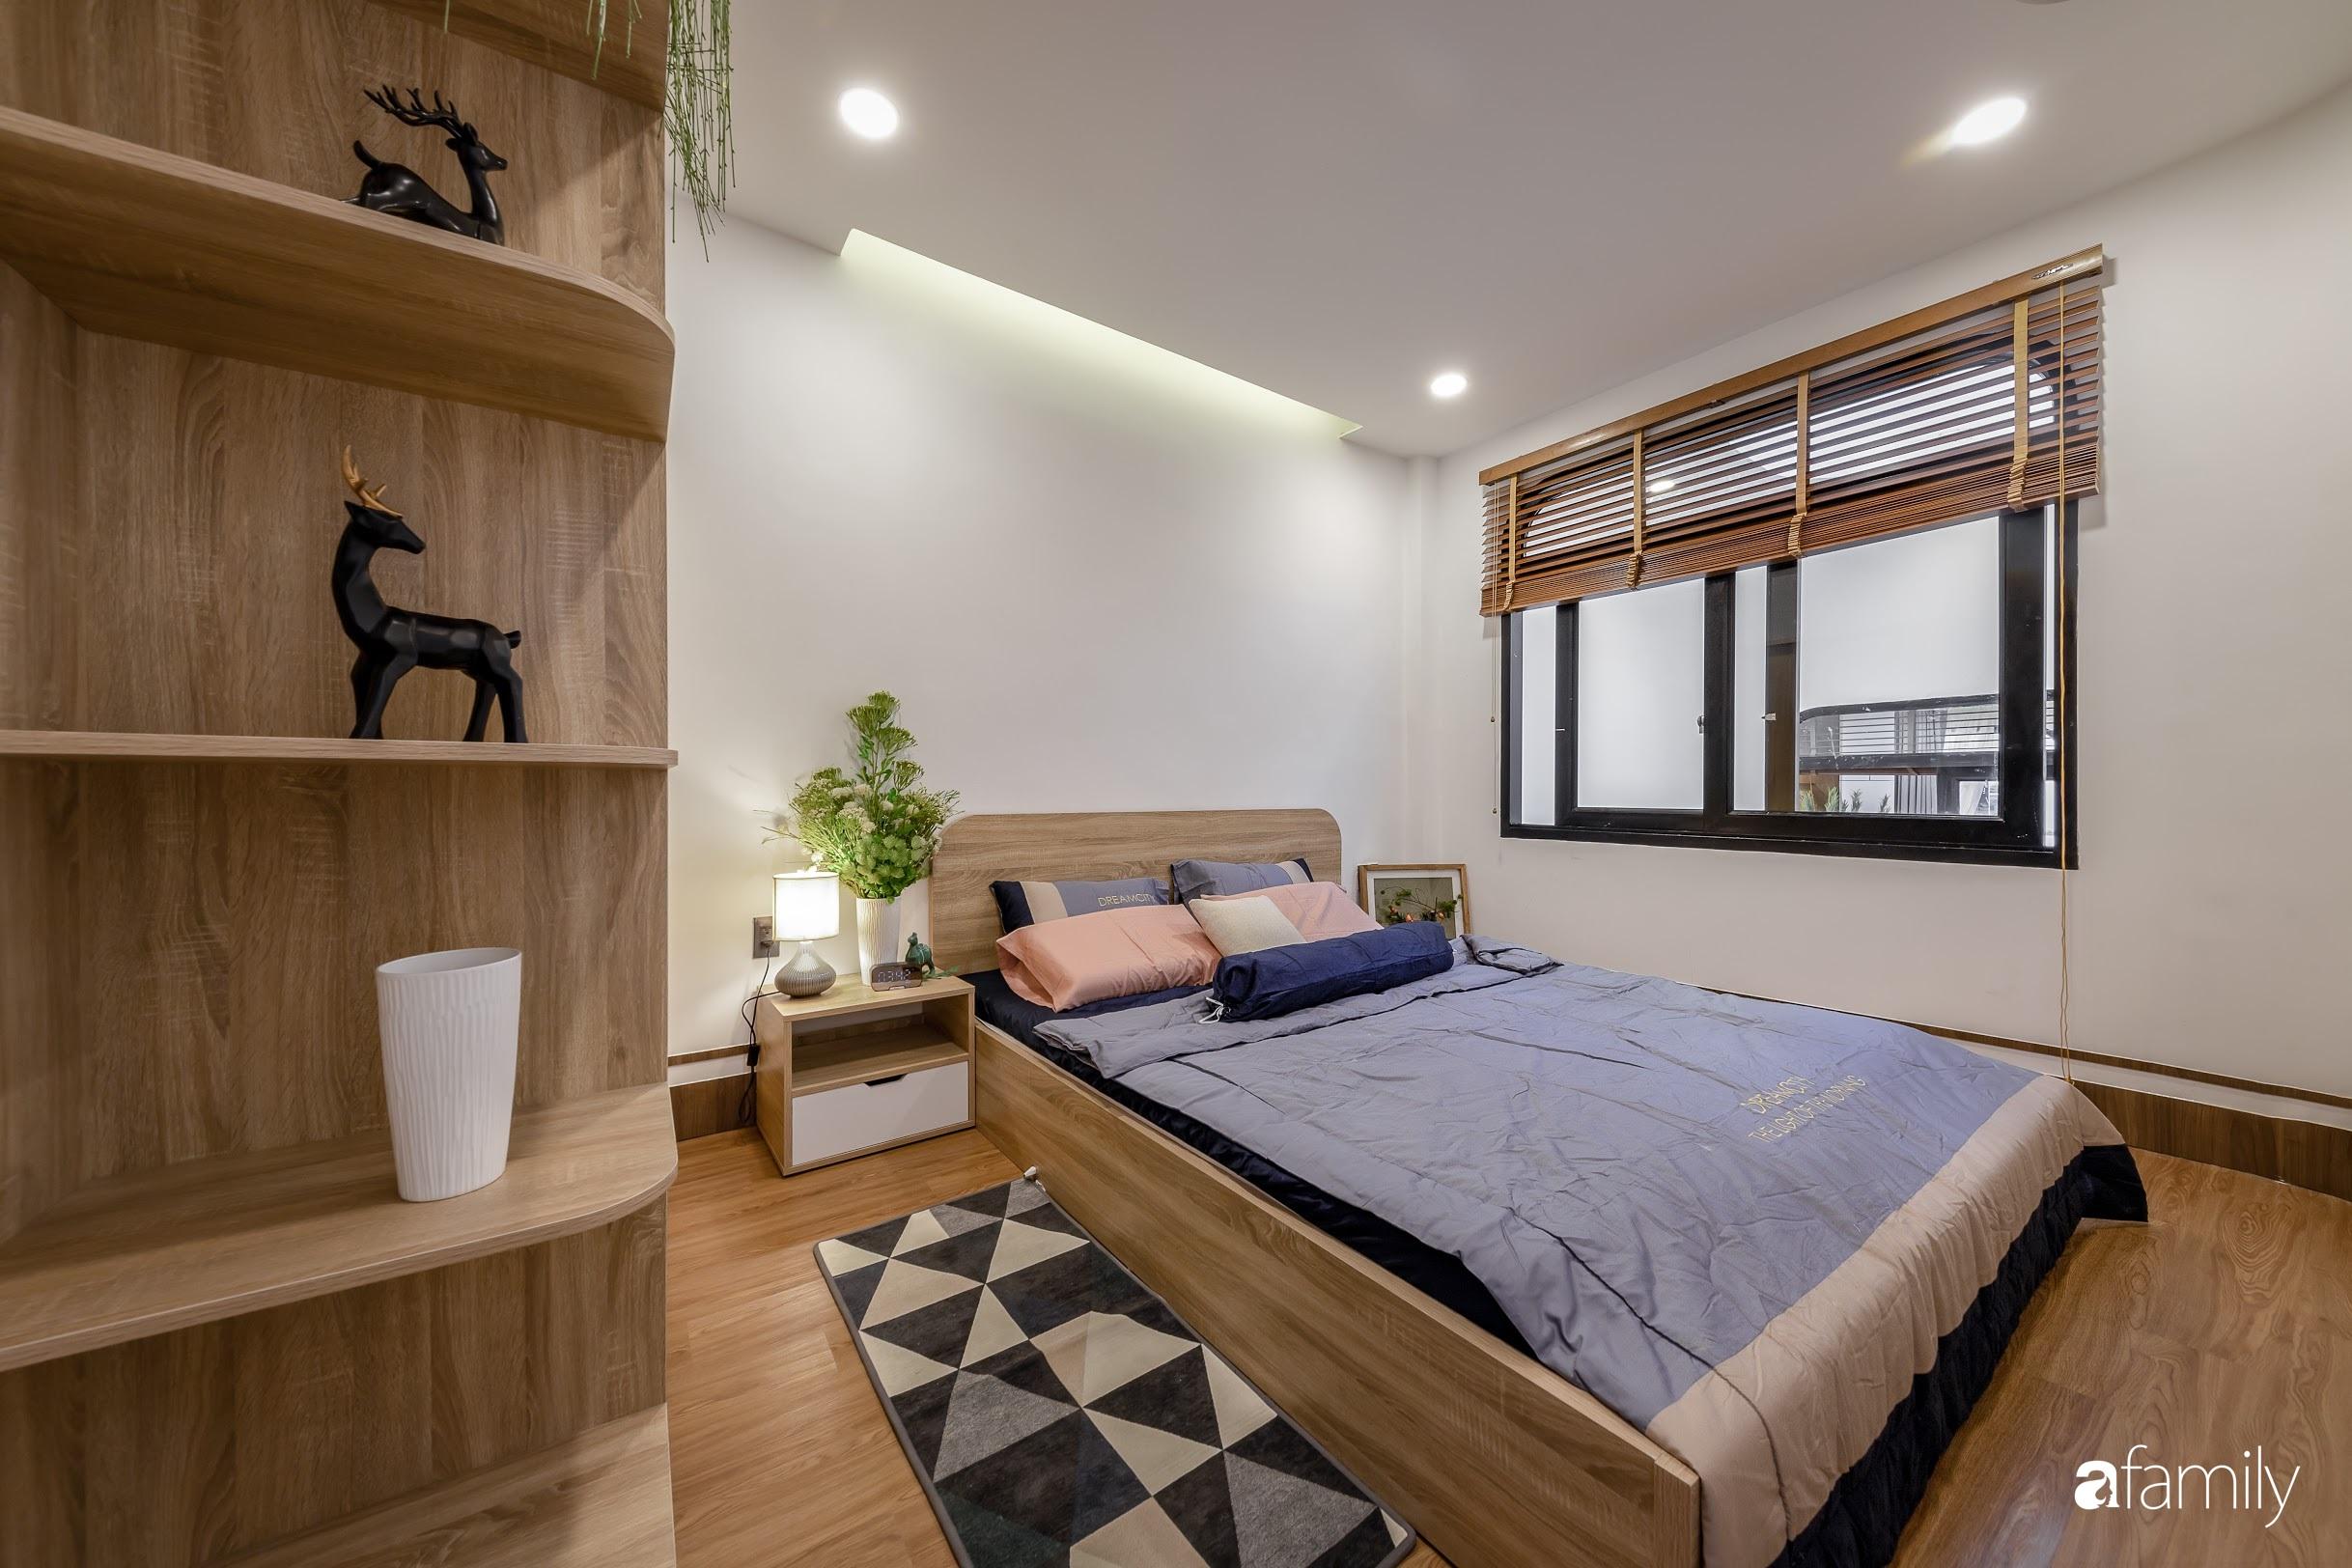 Nhà phố Tiền Giang đẹp hài hòa với thiết kế hiện đại, bố trí nội thất thông minh với chi phí 1,8 tỉ đồng - Ảnh 7.